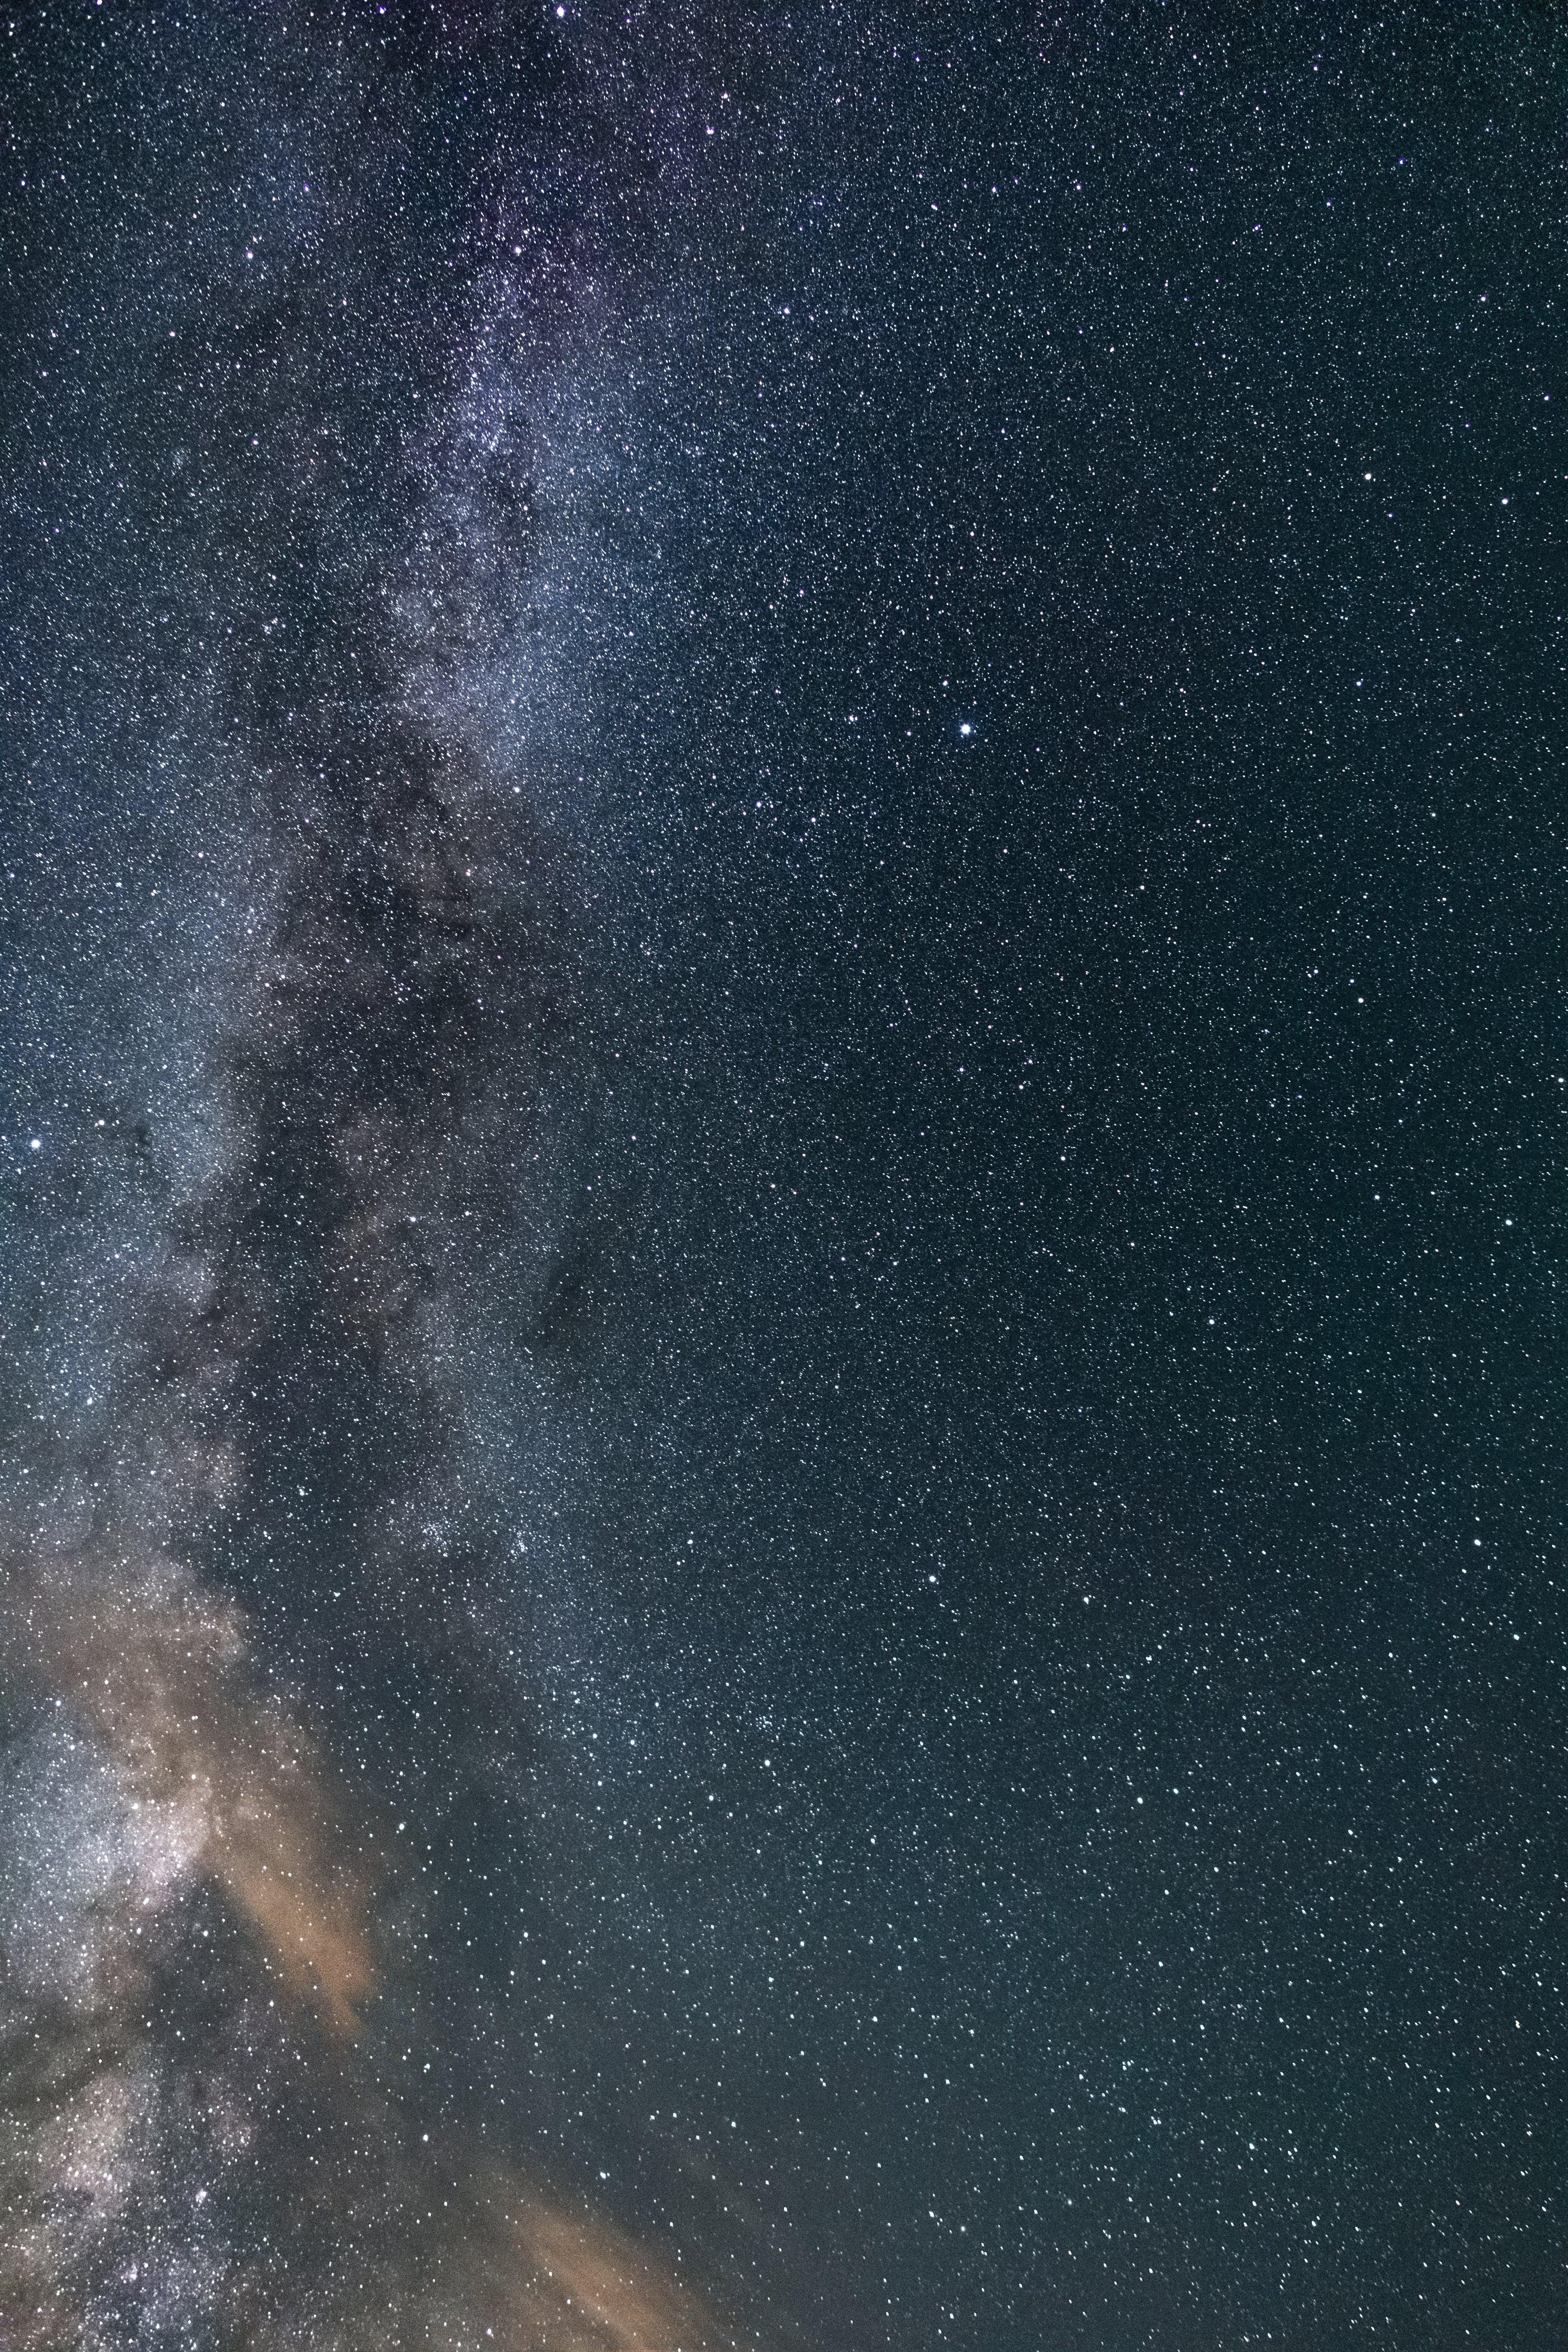 Gratis stockfoto met astronomie, avond, beroemdheden, decor